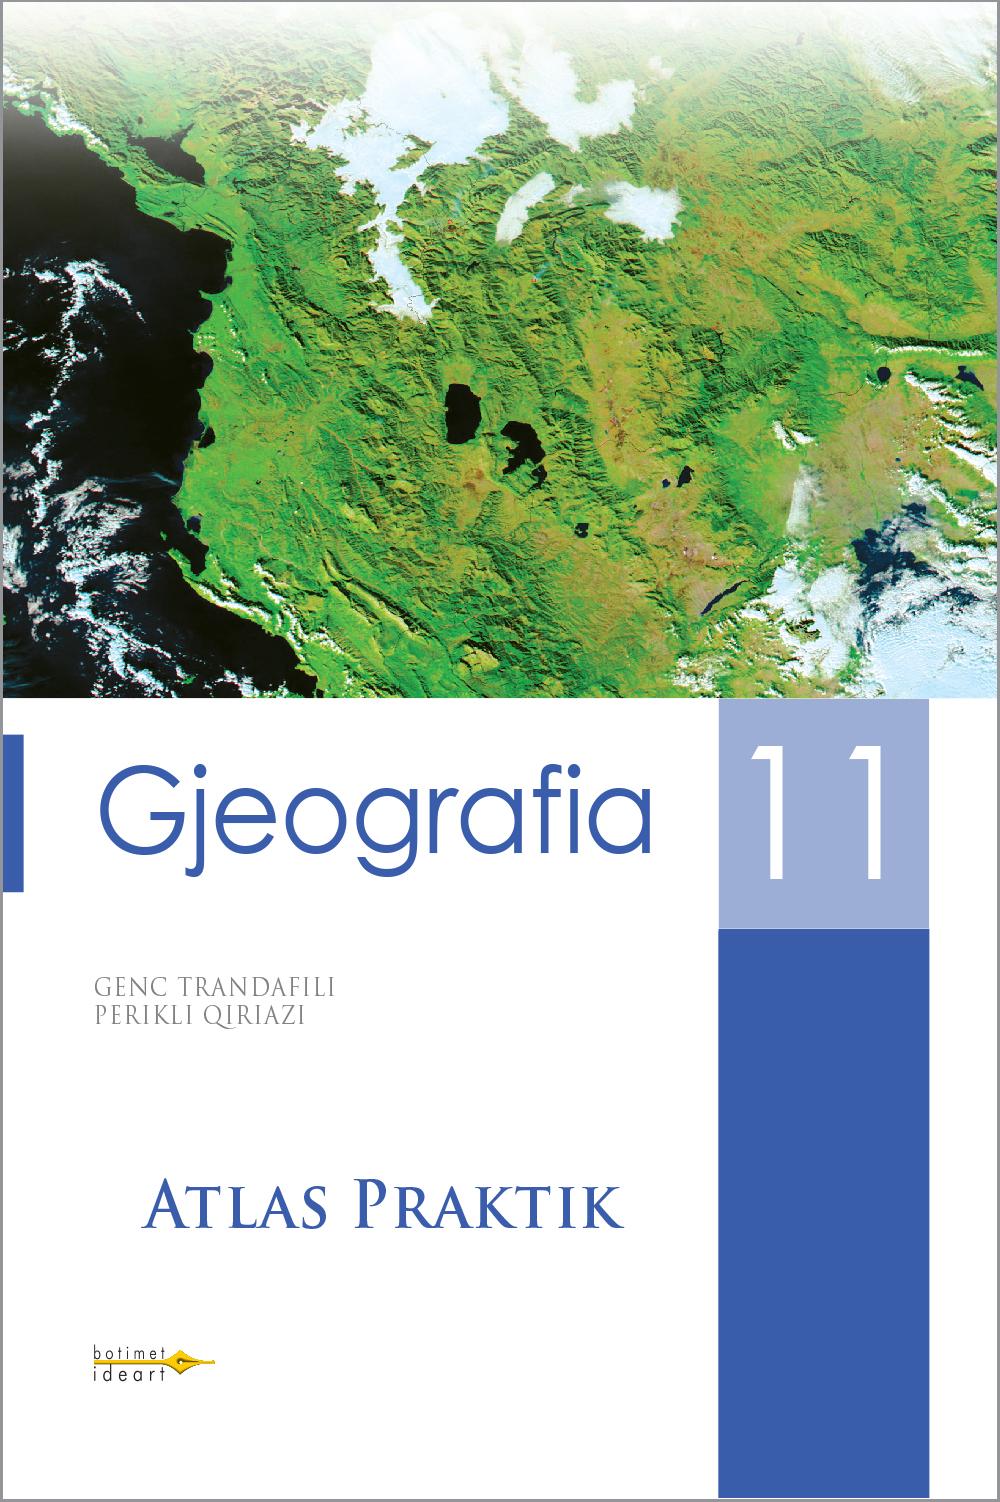 Atlas Praktik<br>Gjeografia 11